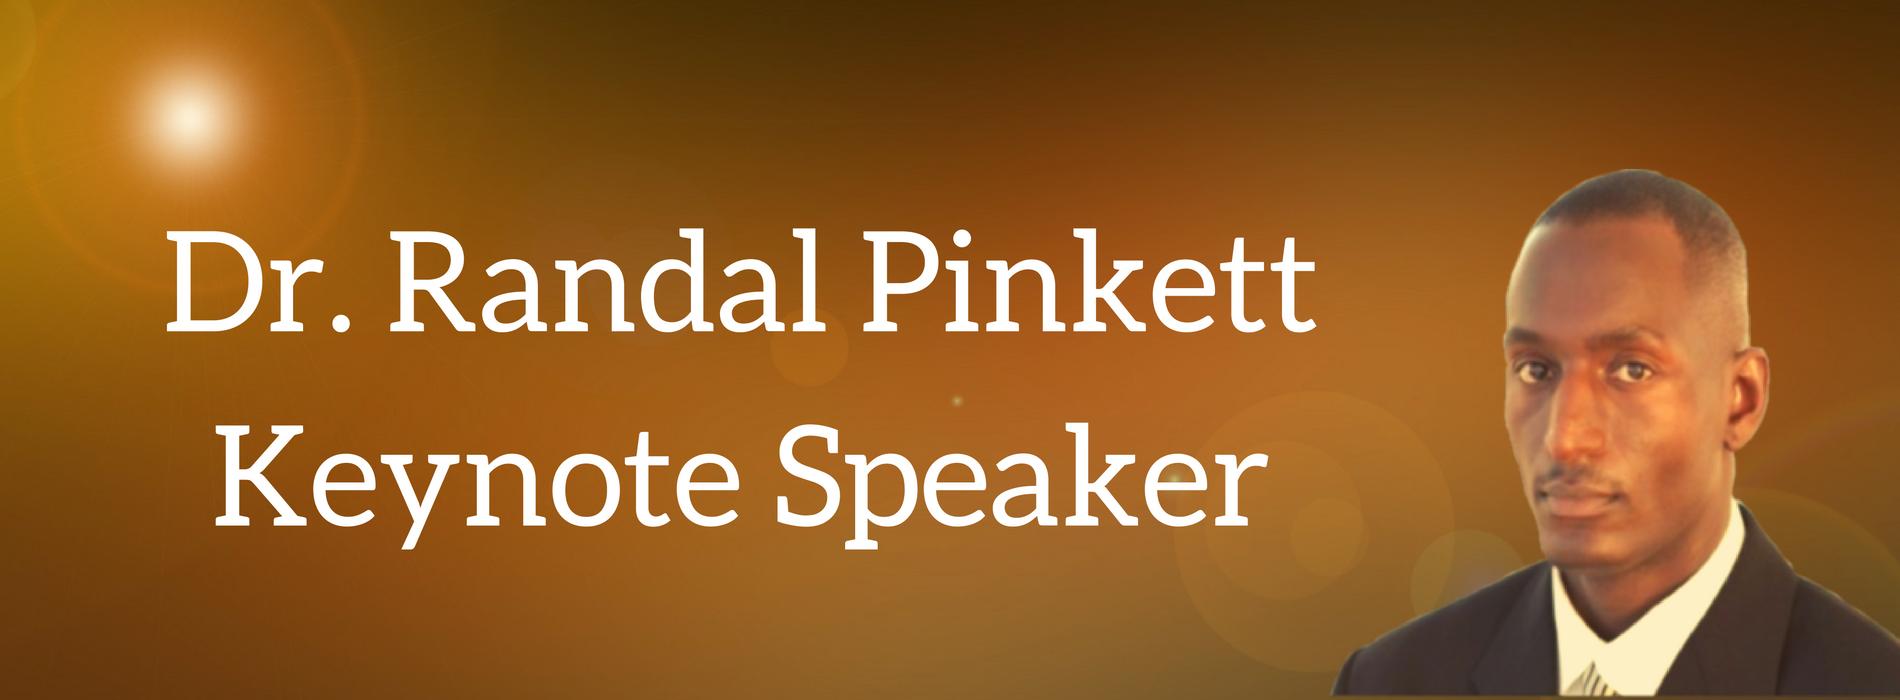 Dr. Randal Pinkett